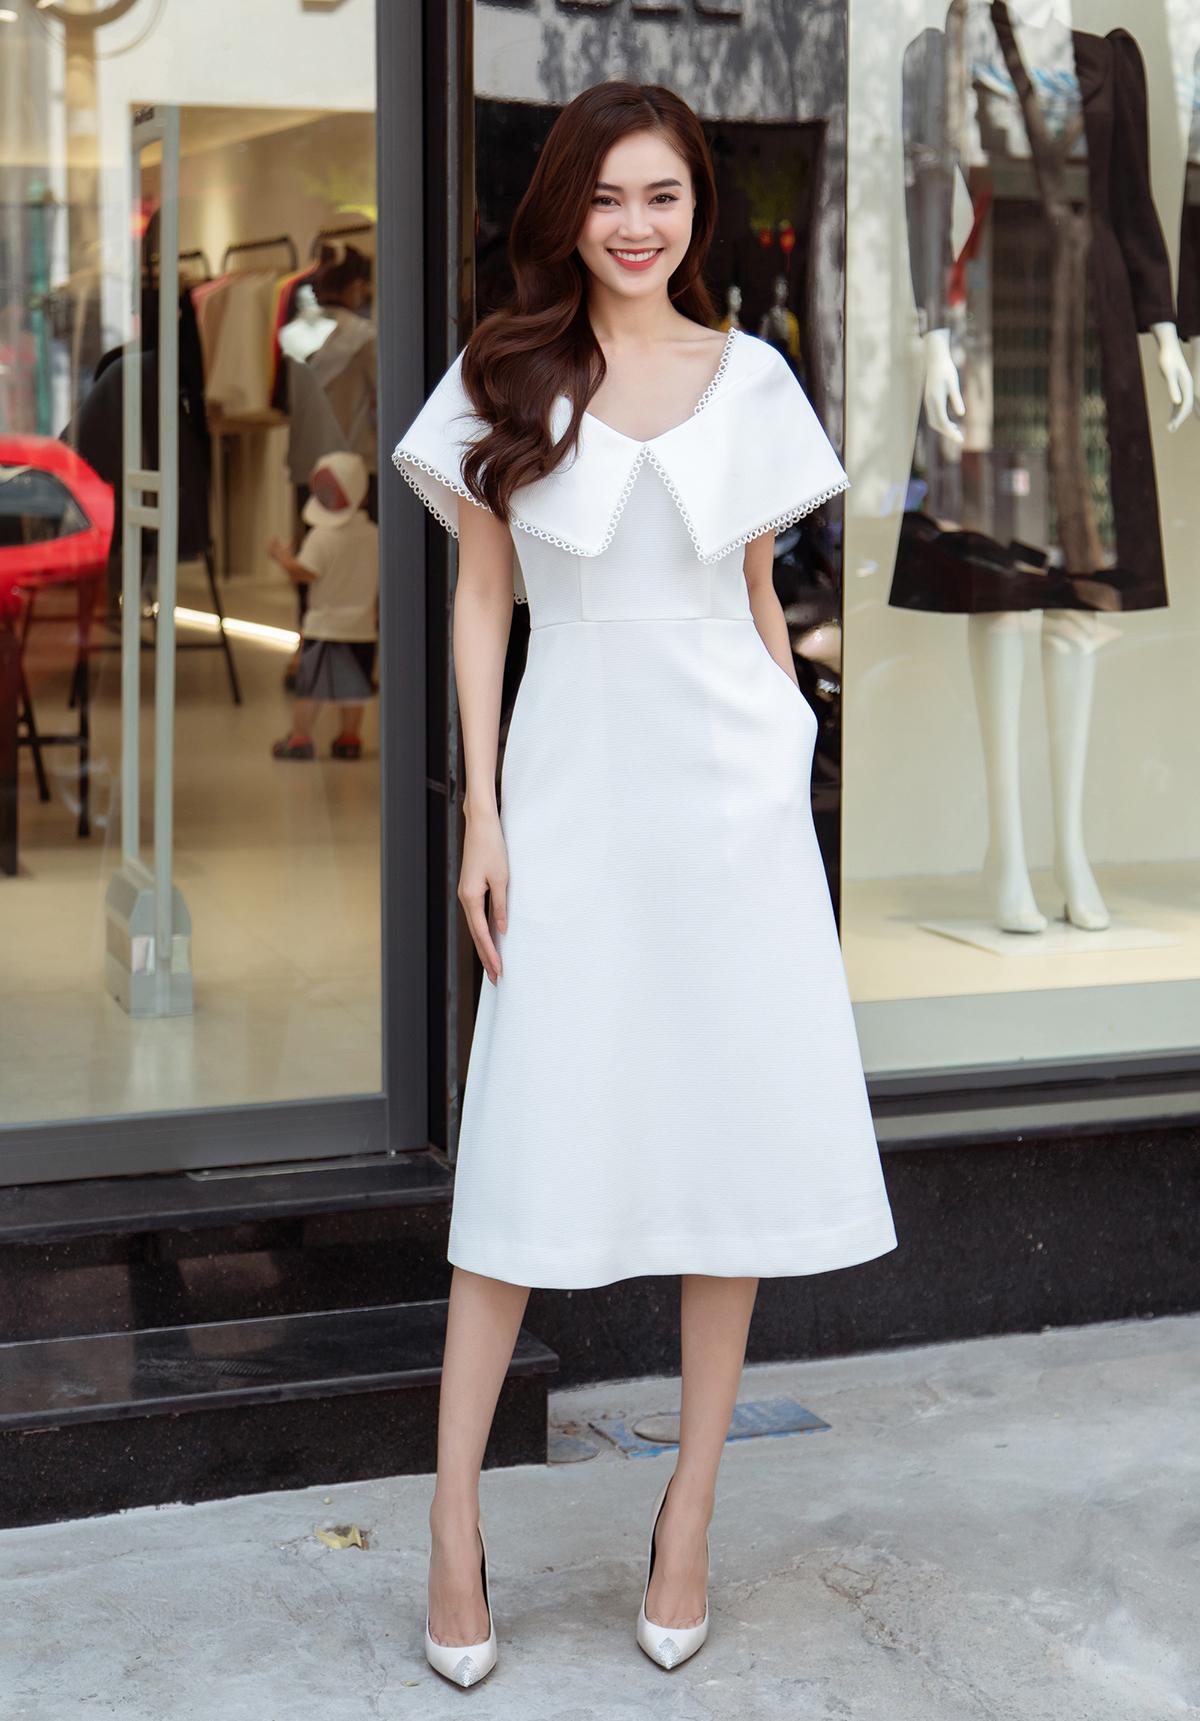 Đại sứ thương hiệu Ninh Dương Lan Ngọc tươi tắn cùng sắc trắng. Mái tóc uốn xoăn bồng bềnh cùng kiểu trang điểm nhẹ nhàng càng tôn lên nét trẻ trung, đằm thắm của nữ diễn viên.